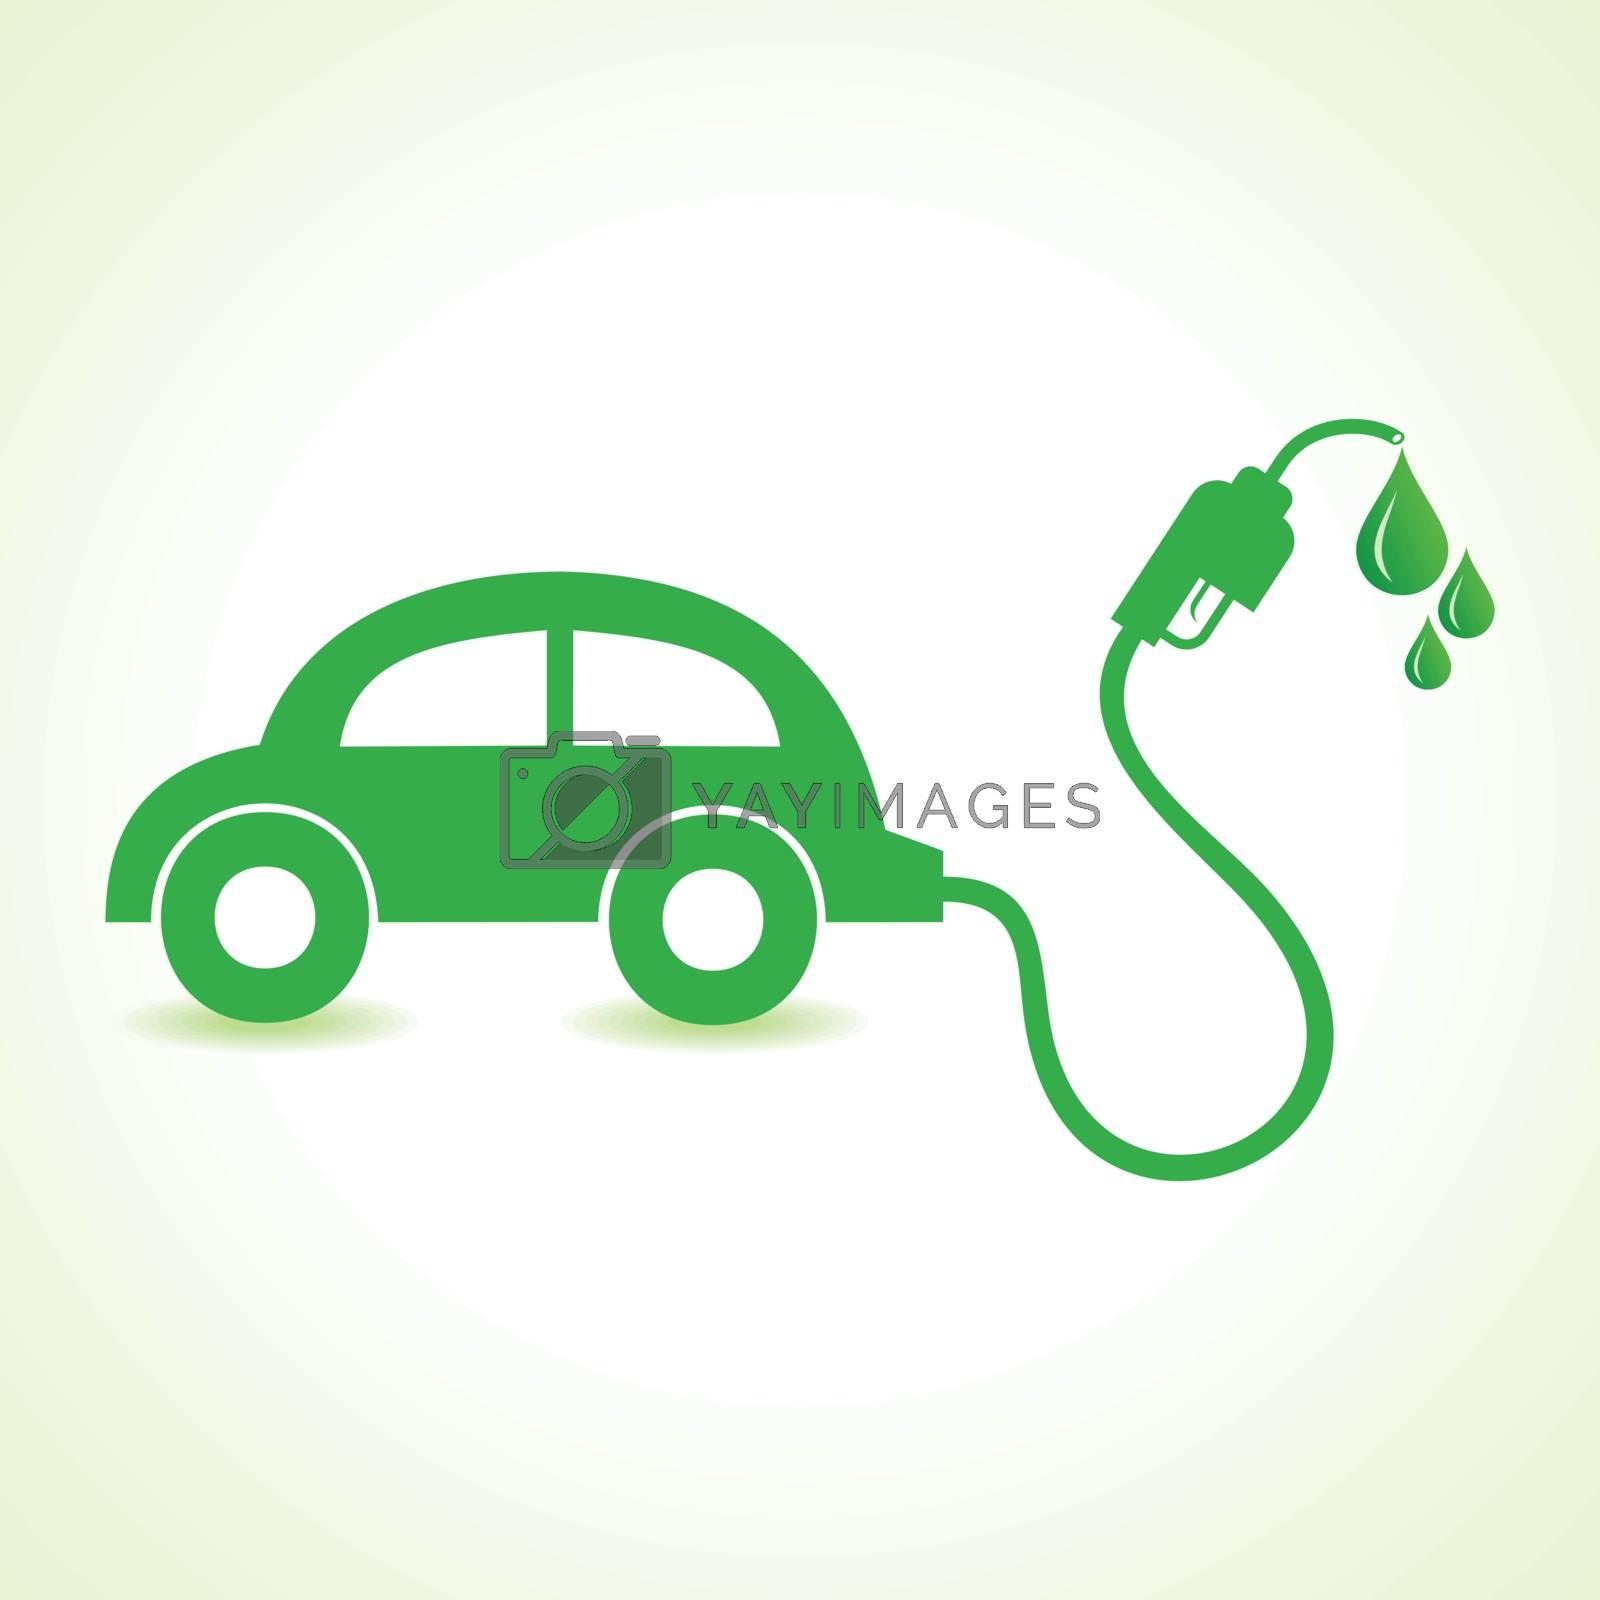 Bio fuel concept with car